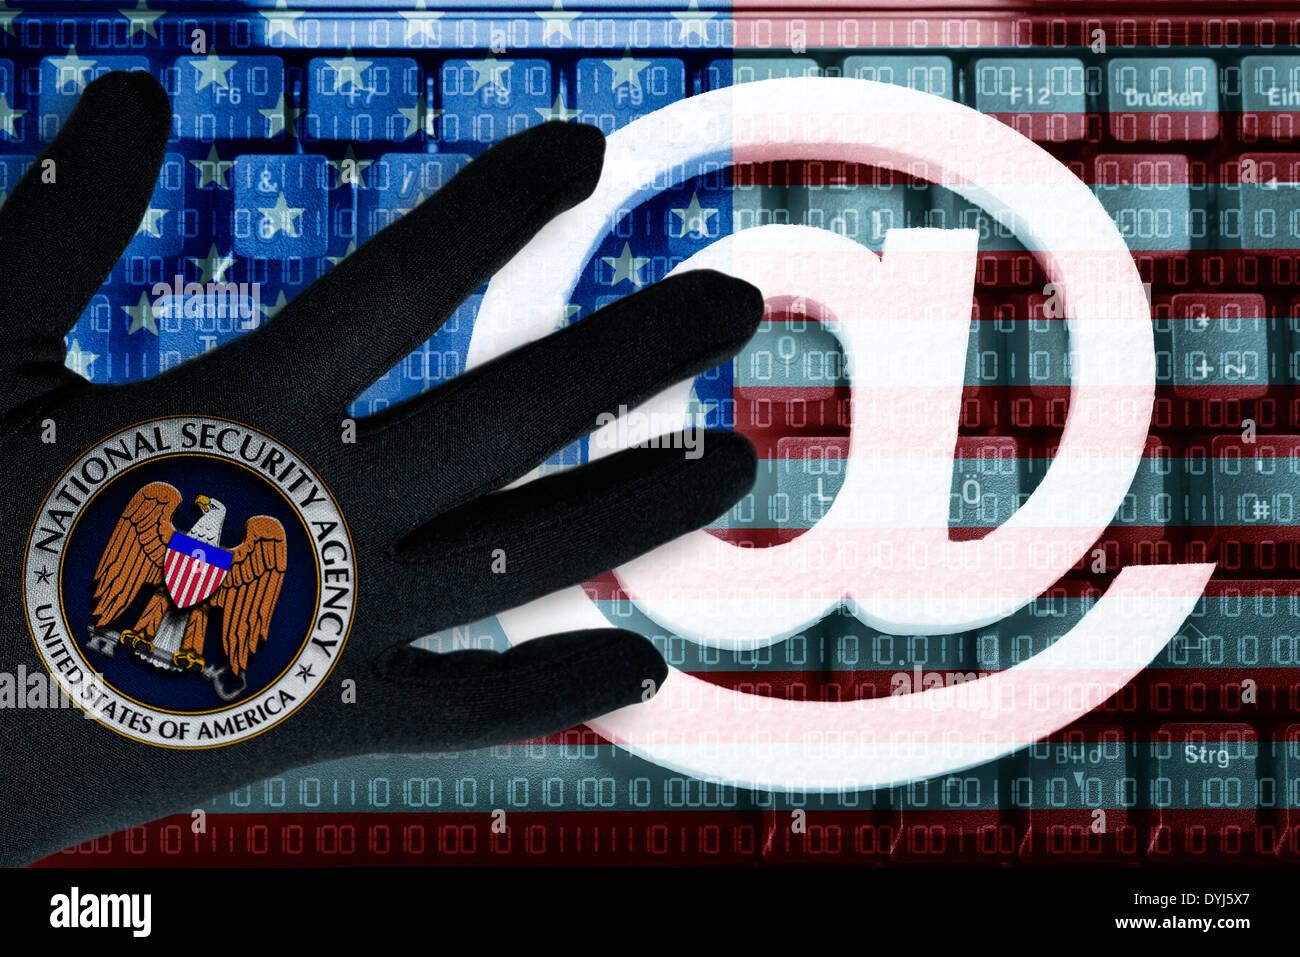 At-Zeichen auf einer Tastatur und schwarze Hand mit NSA-Symbol, Datensammlung des USA-Geheimdienstes - Stock Image